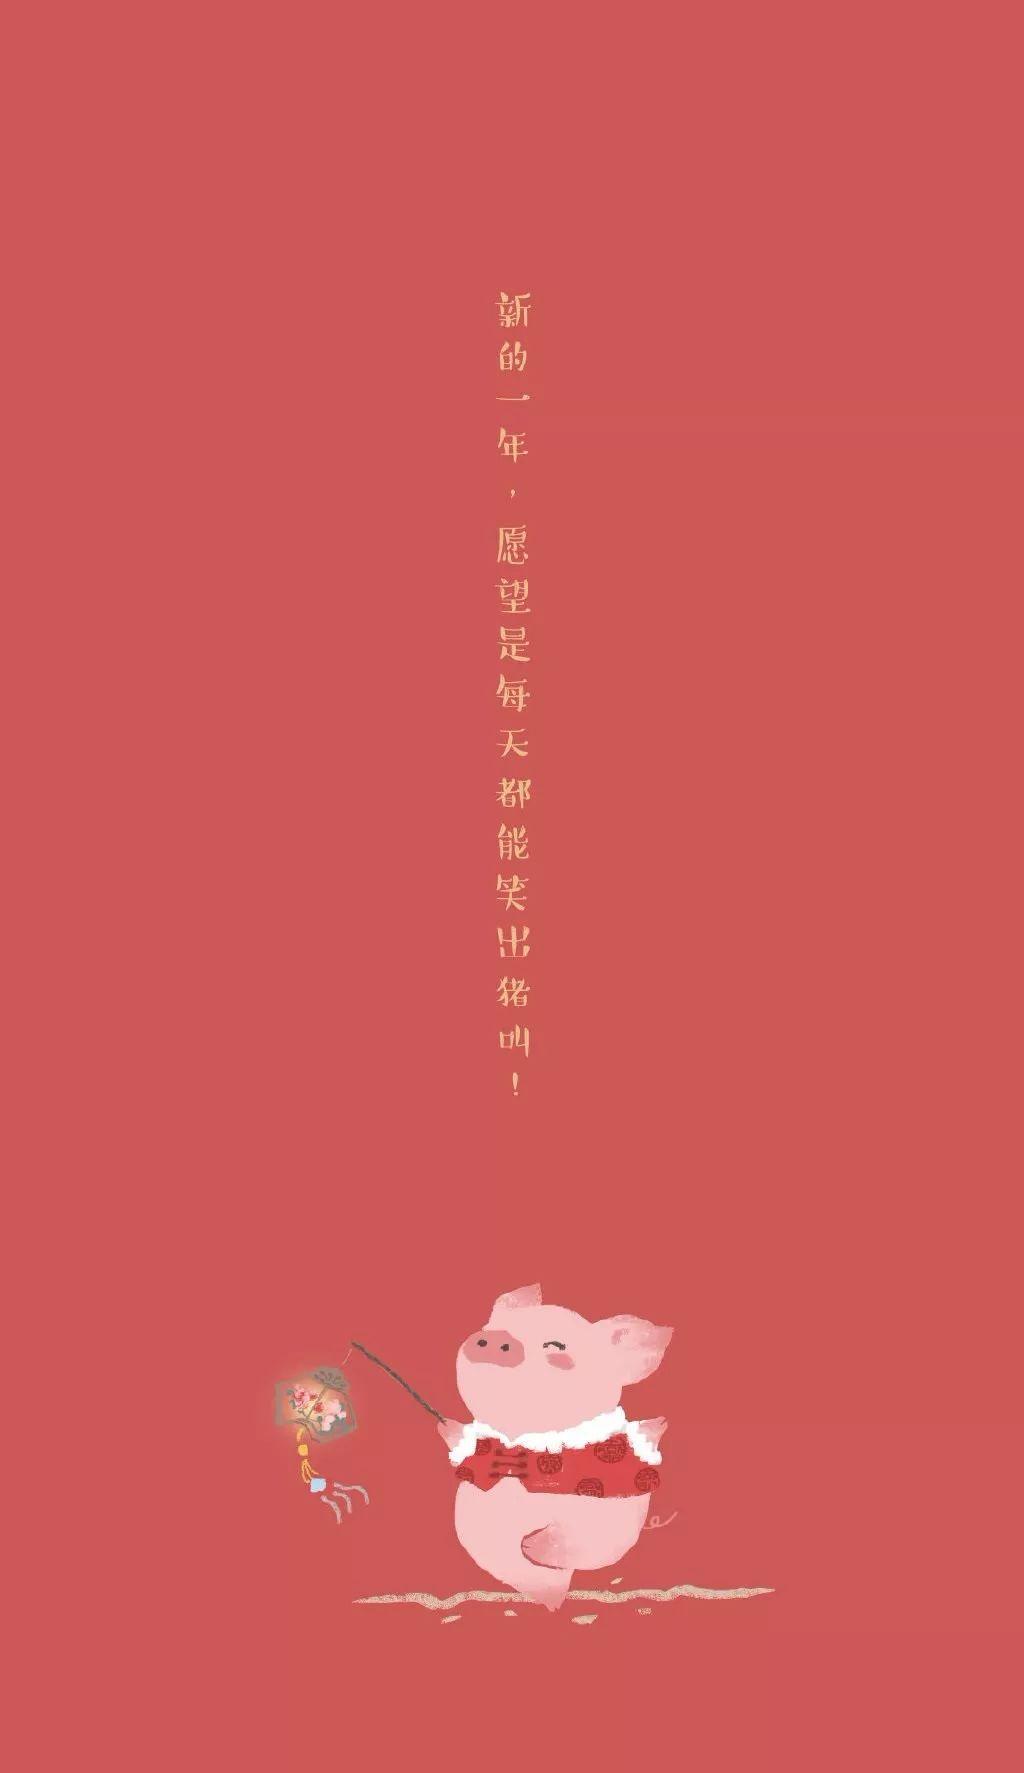 壁纸  2019年猪猪壁纸来啦,请查收!